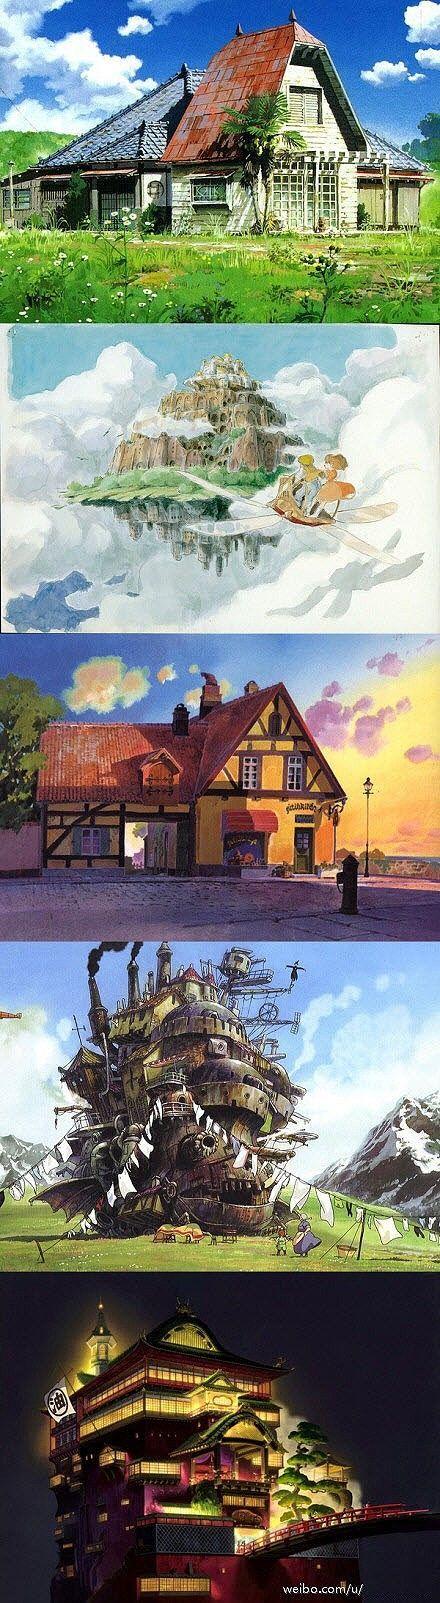 Meu Vizinho Totoro, Castle in the Sky, Serviço de Entrega de Kiki, O Castelo Animado e A Viagem de Chihiro